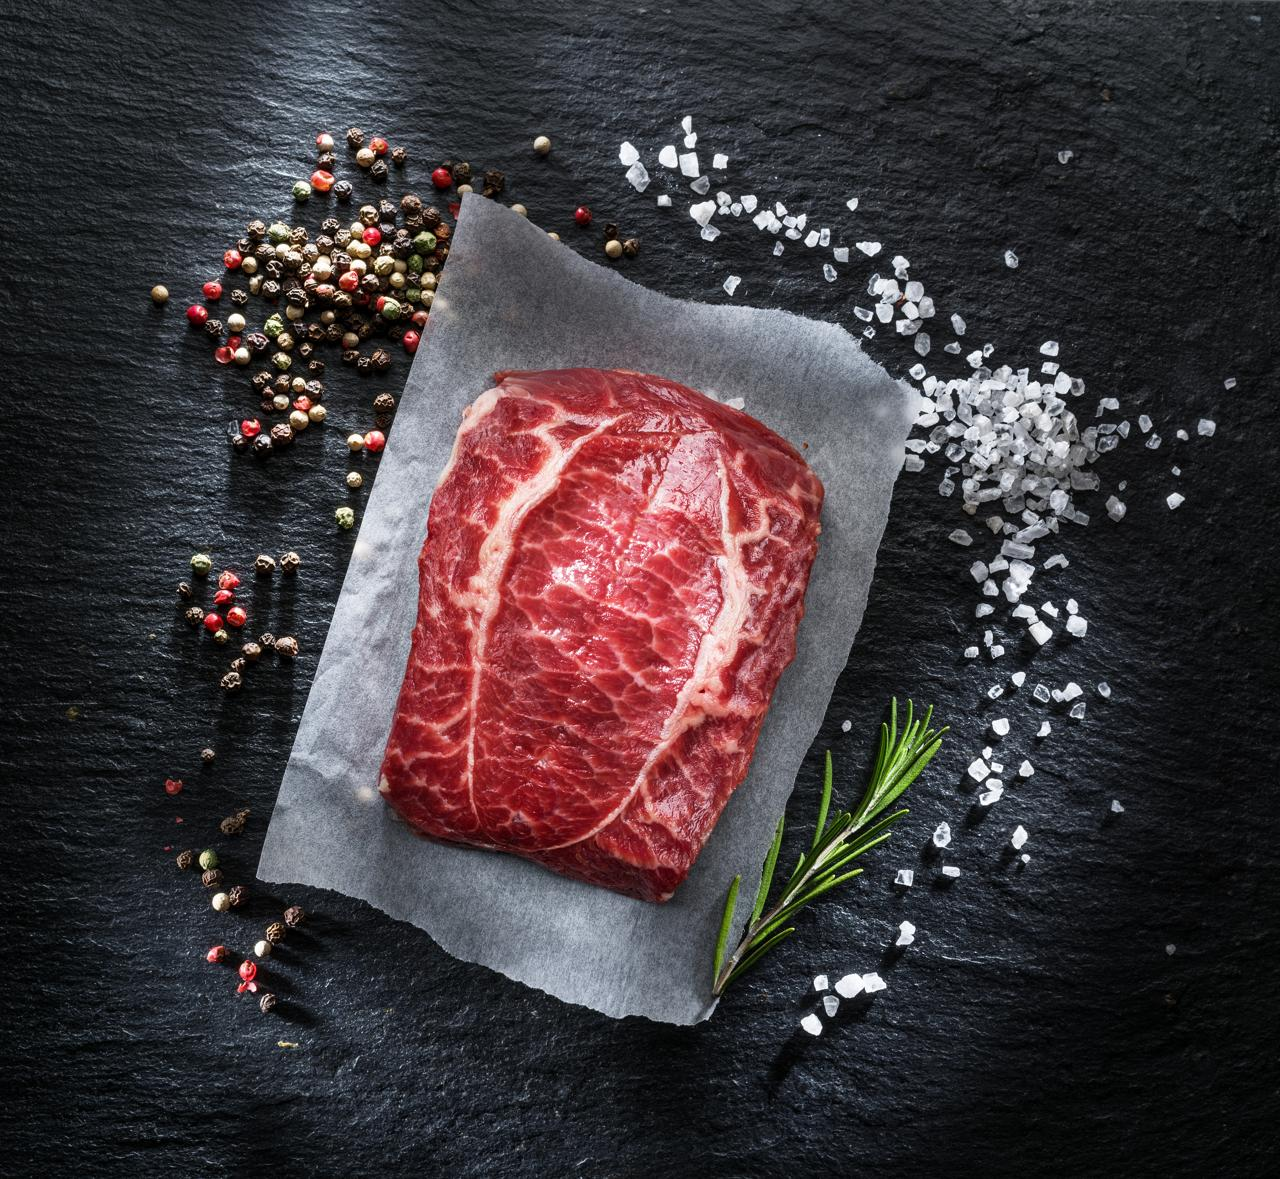 Flat Iron Steak auf Schieferplatte mit Meersalz und Pfeffer